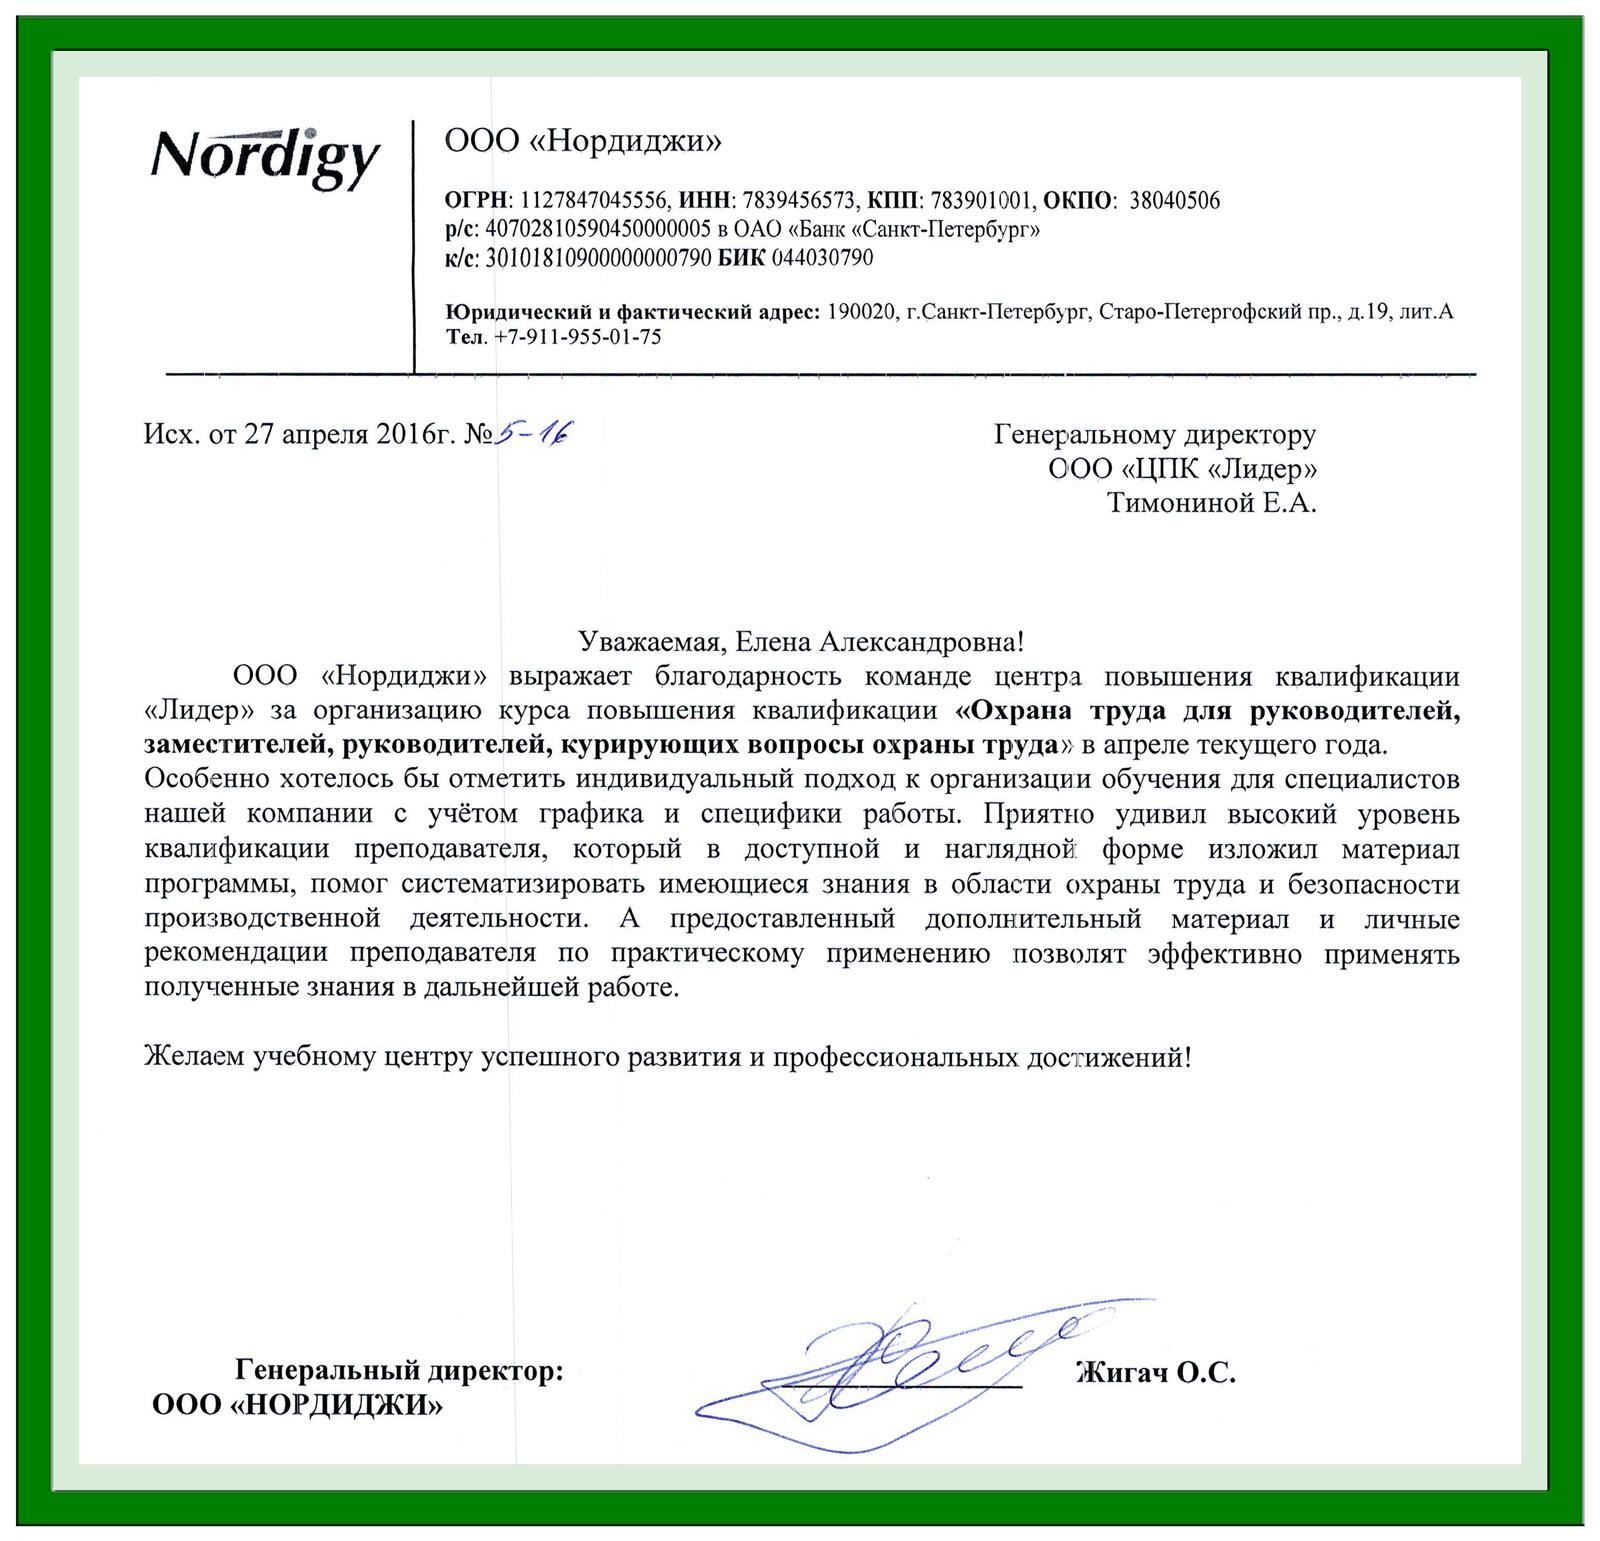 """Письмо с благодарностью от ООО """"Нордиджи"""""""